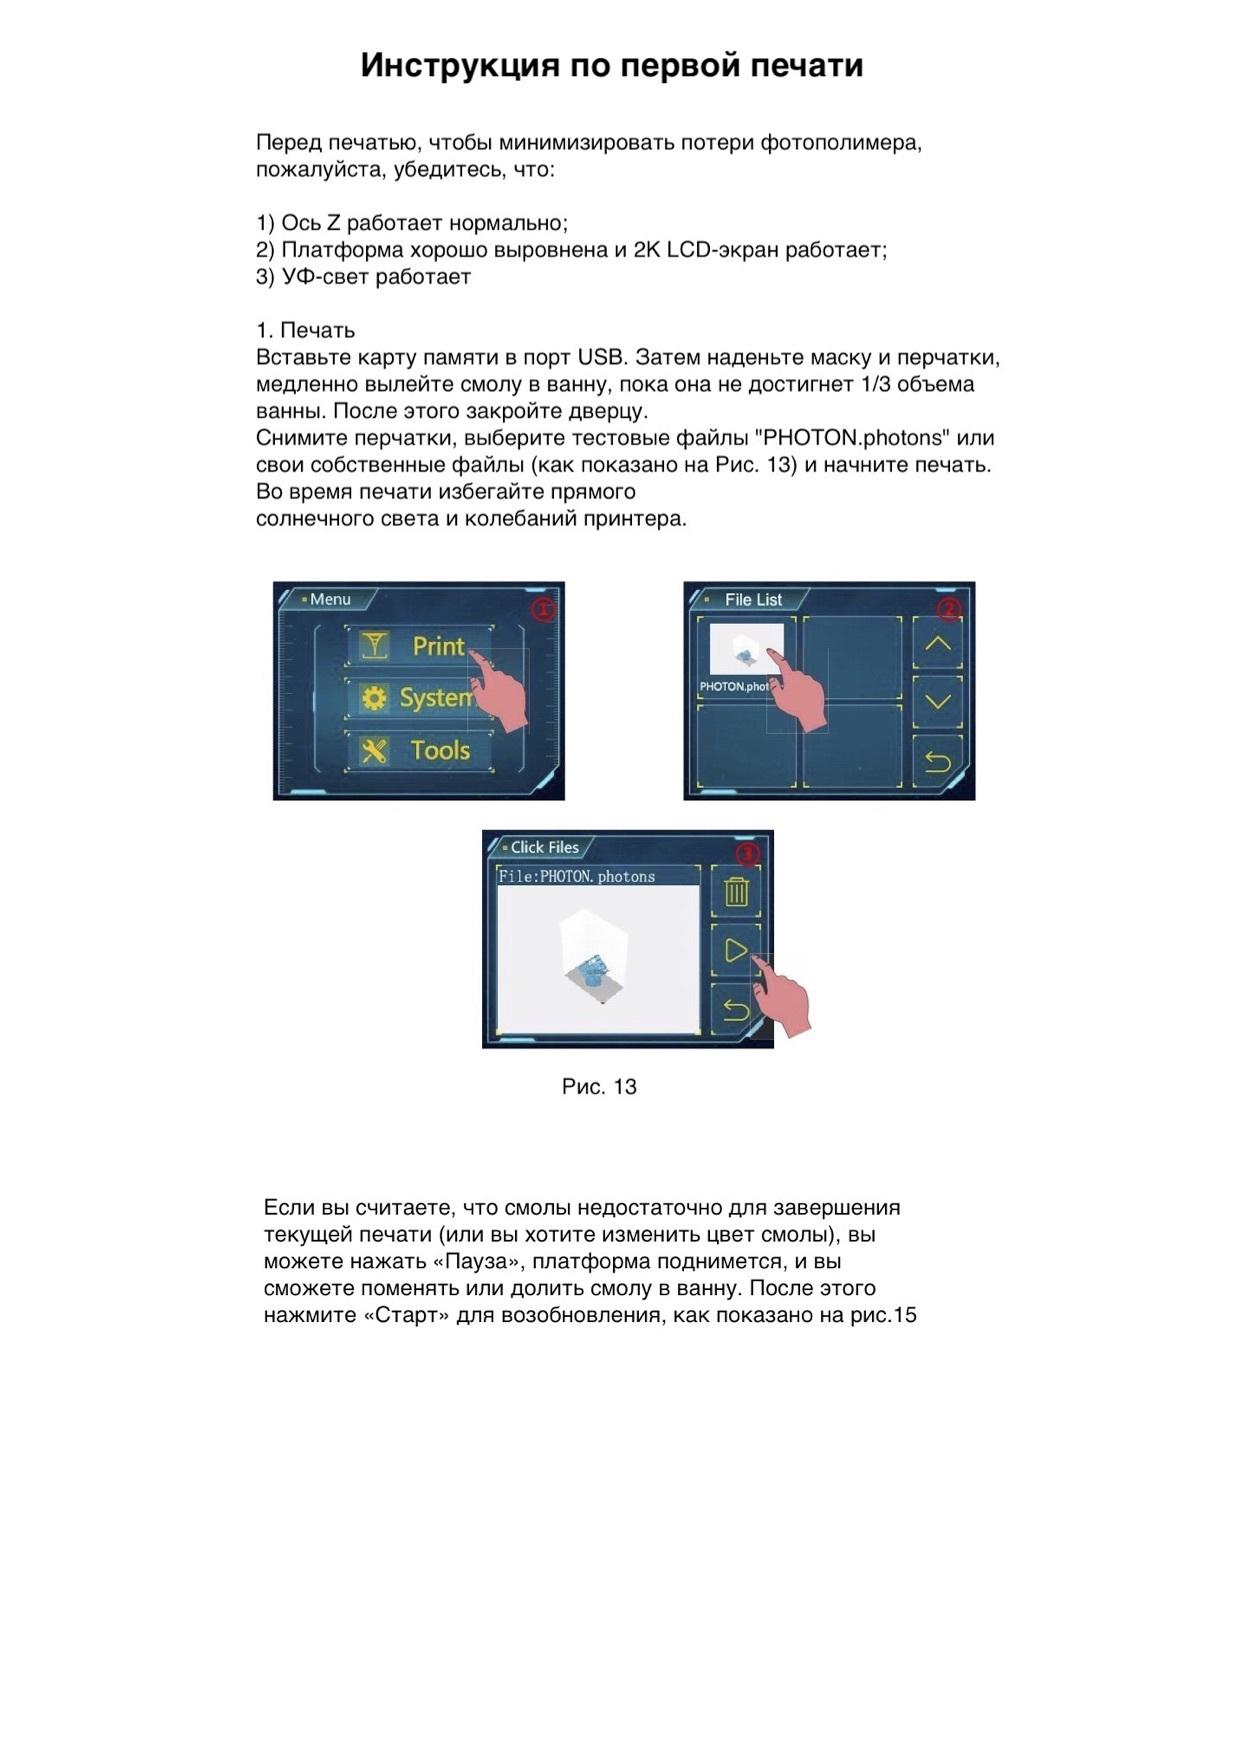 Инструкция Anycubic Photon S на русском языке